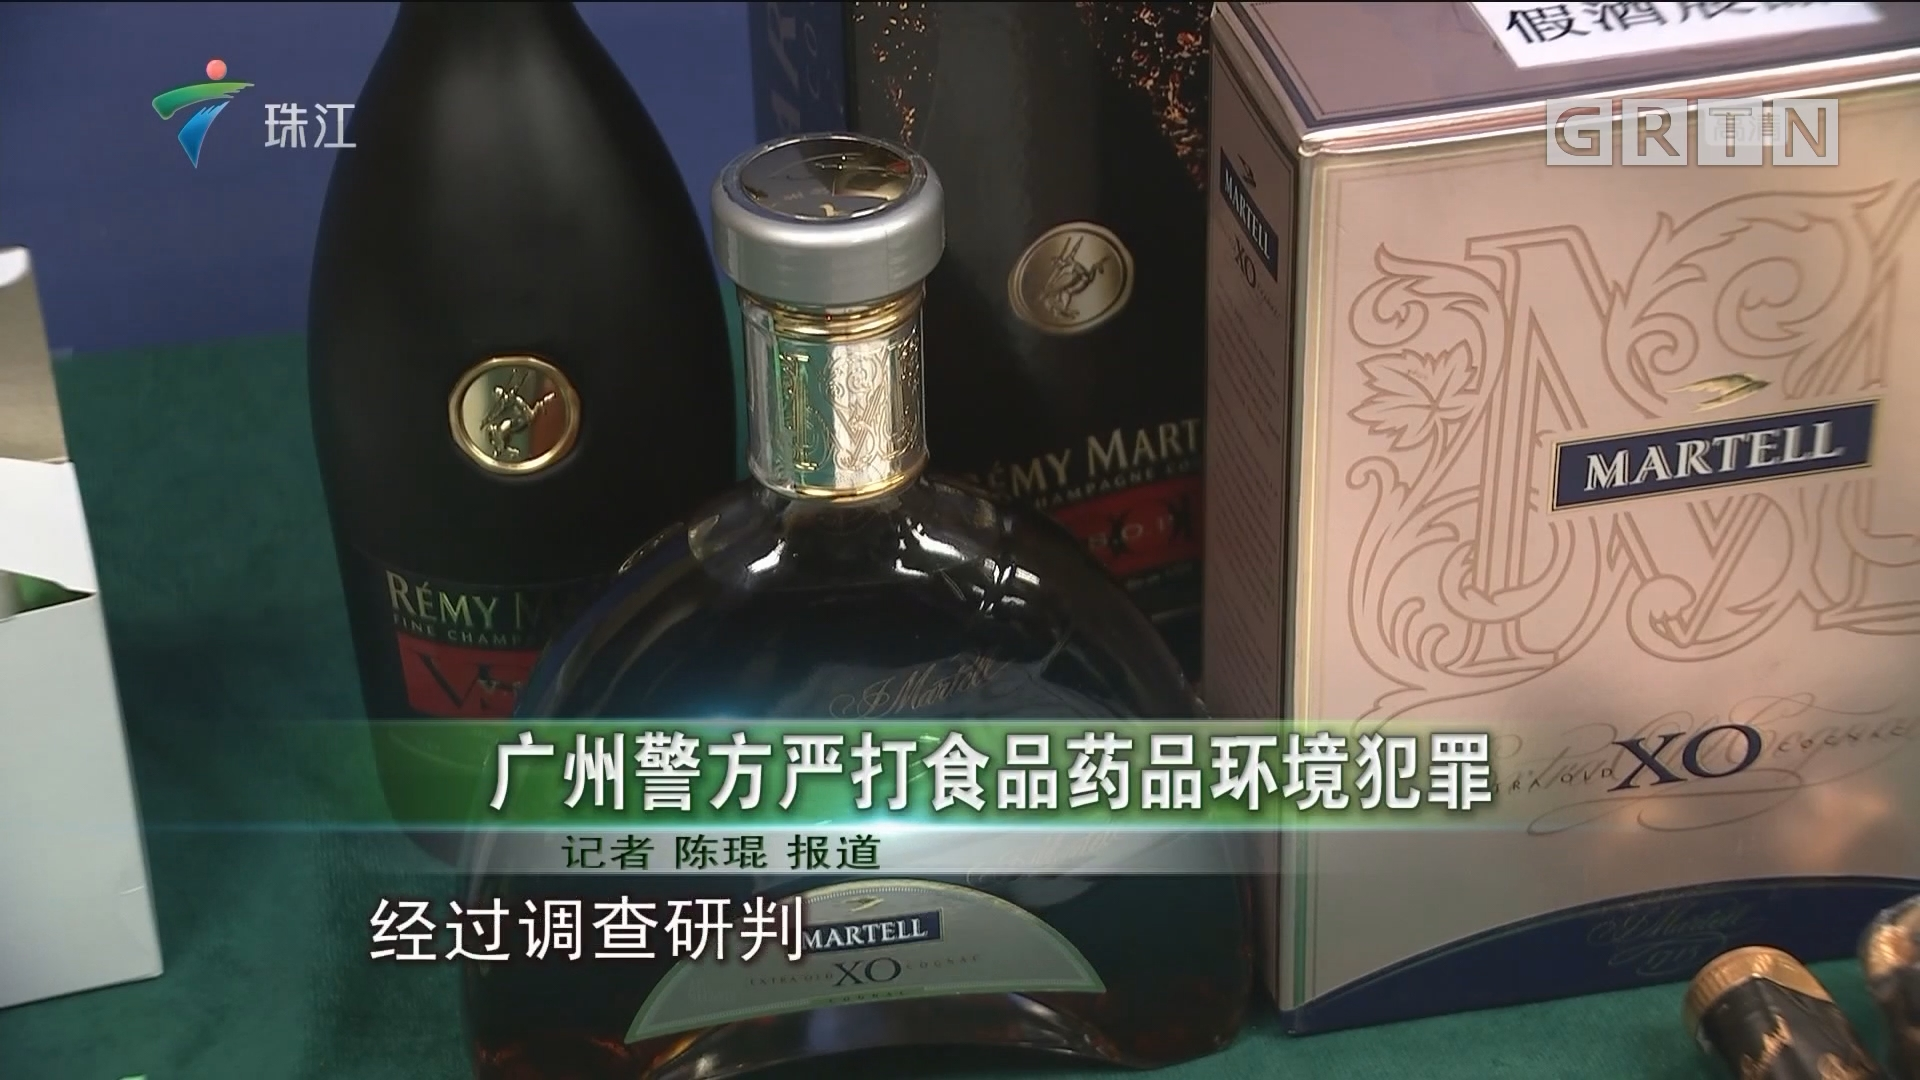 广州警方严打食品药品环境犯罪